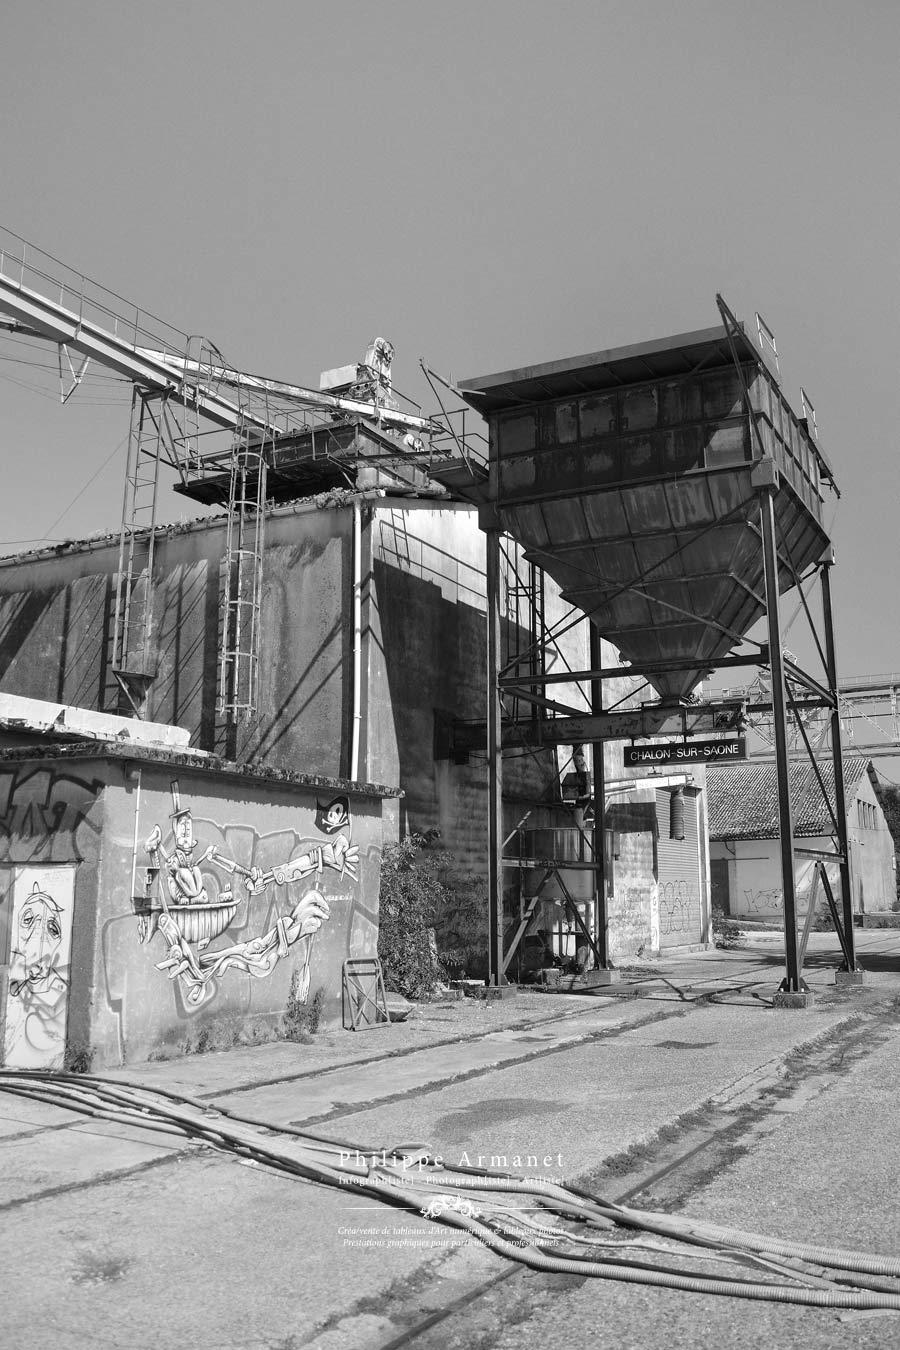 Friches industrielles de Chalon sur Saône, photographie noir et blanc en tirage limité